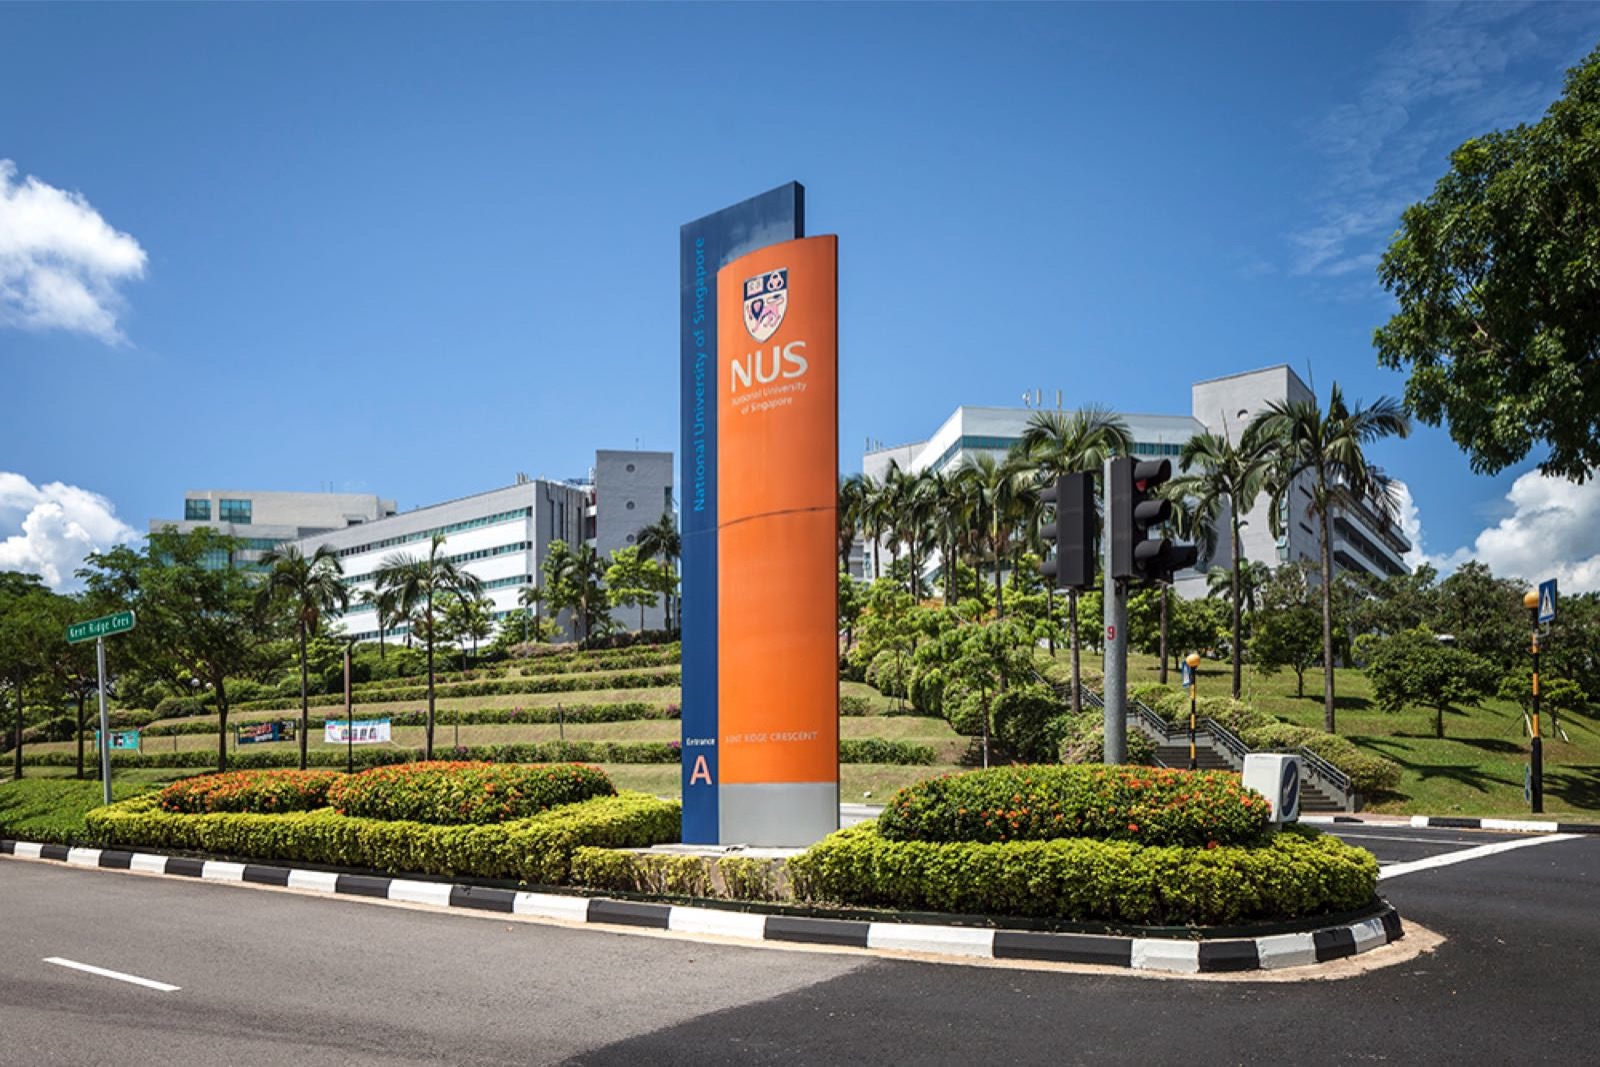 Национальный университет Сингапура - Положительная связь между природой и счастьем